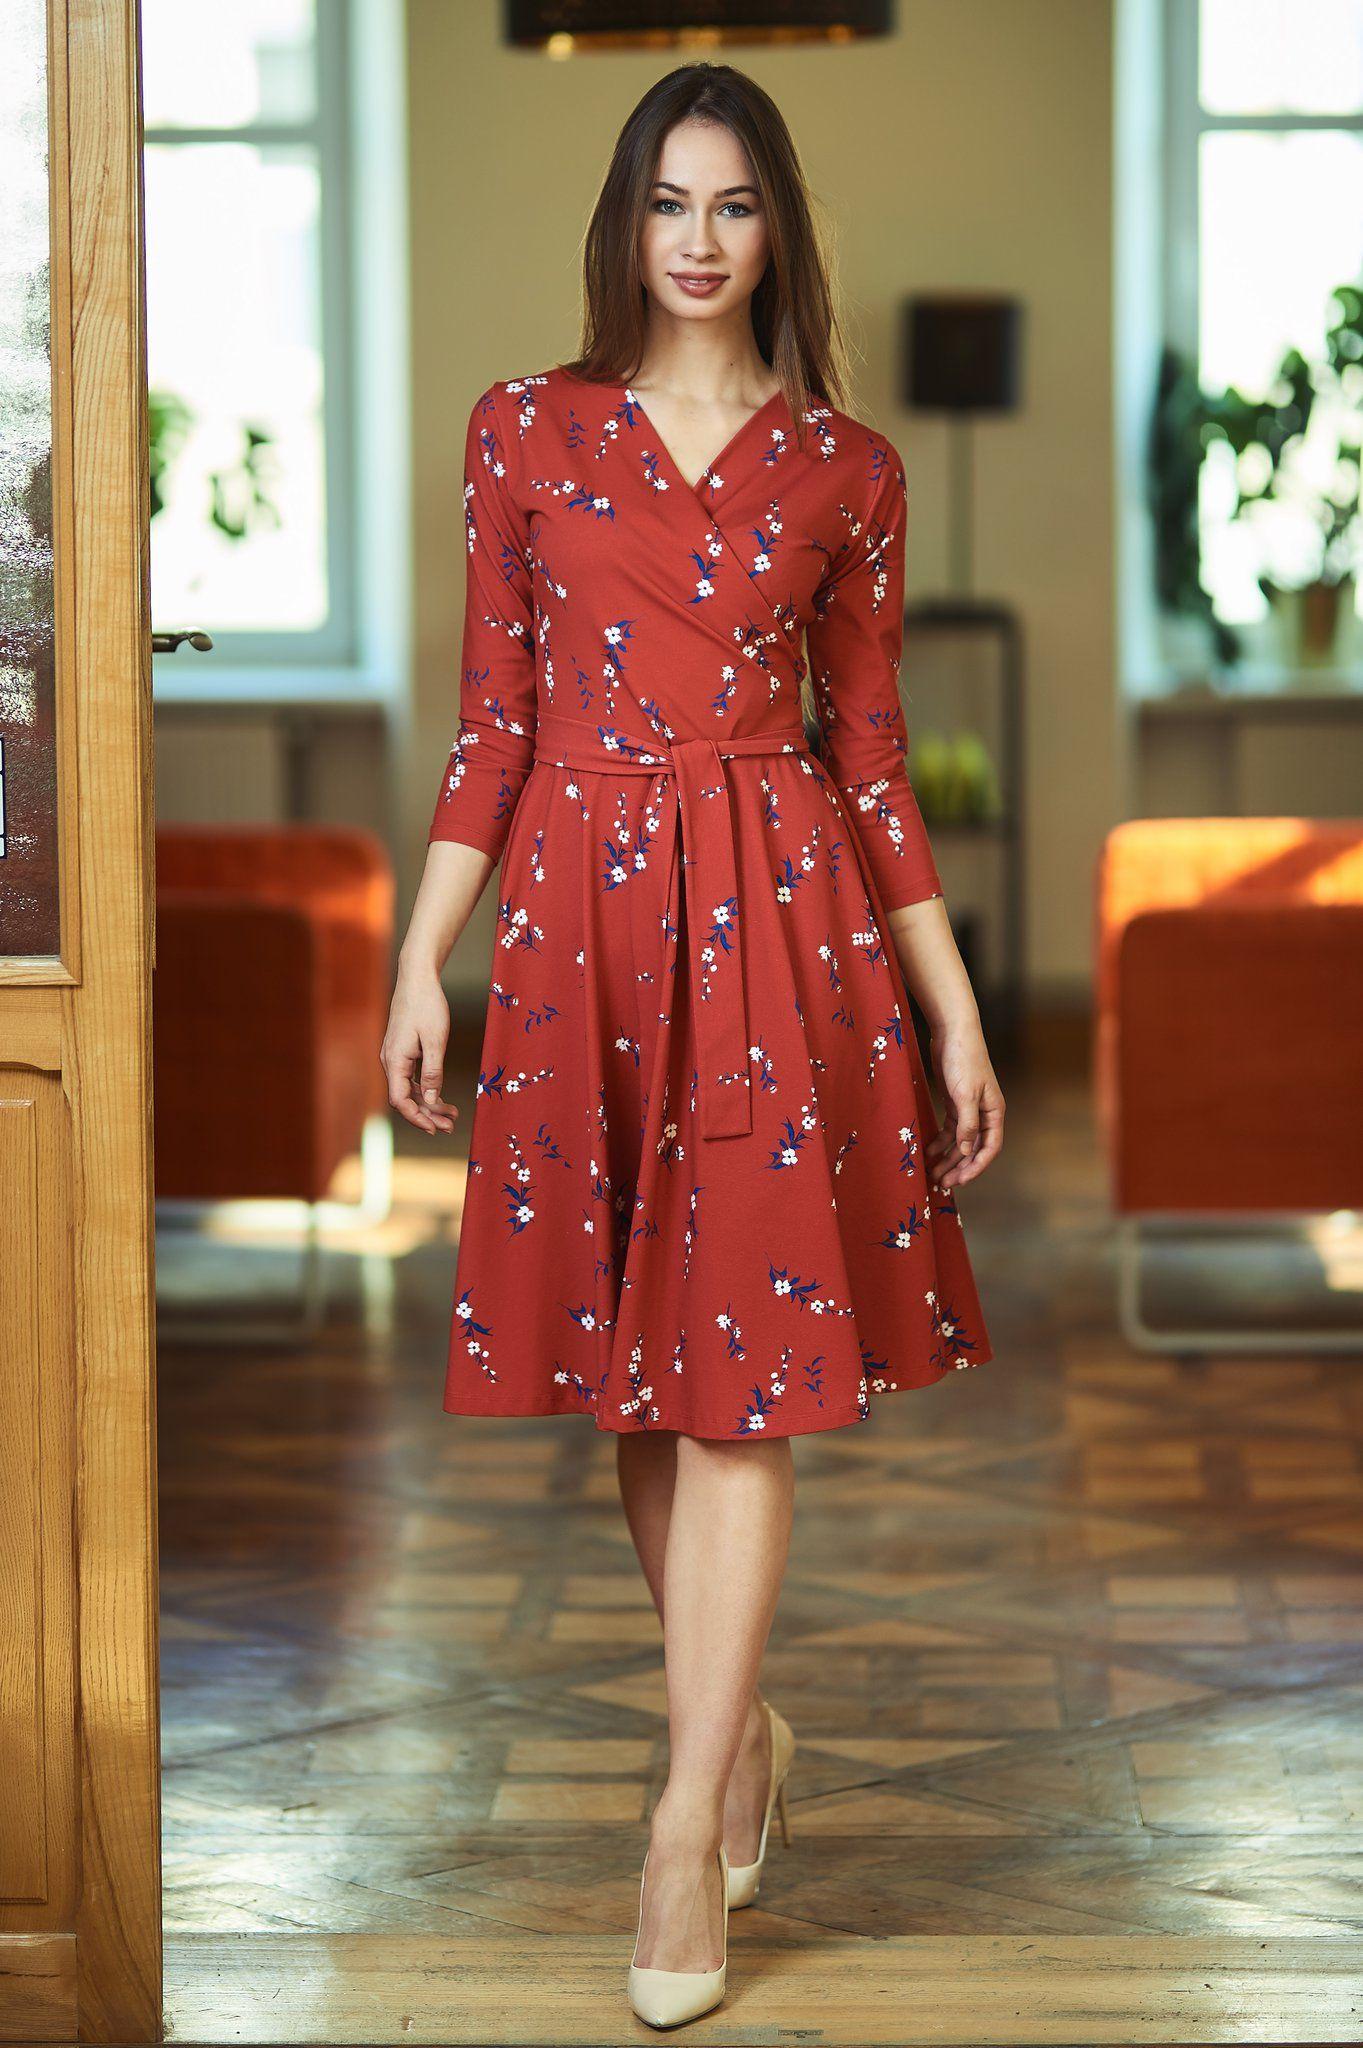 d9a99cc13e25f5 ATENCJA czerwona kwiatki | kopertowa sukienka rozkloszowana - Sukienki,  spodnie damskie na codzień | Zygzak.net